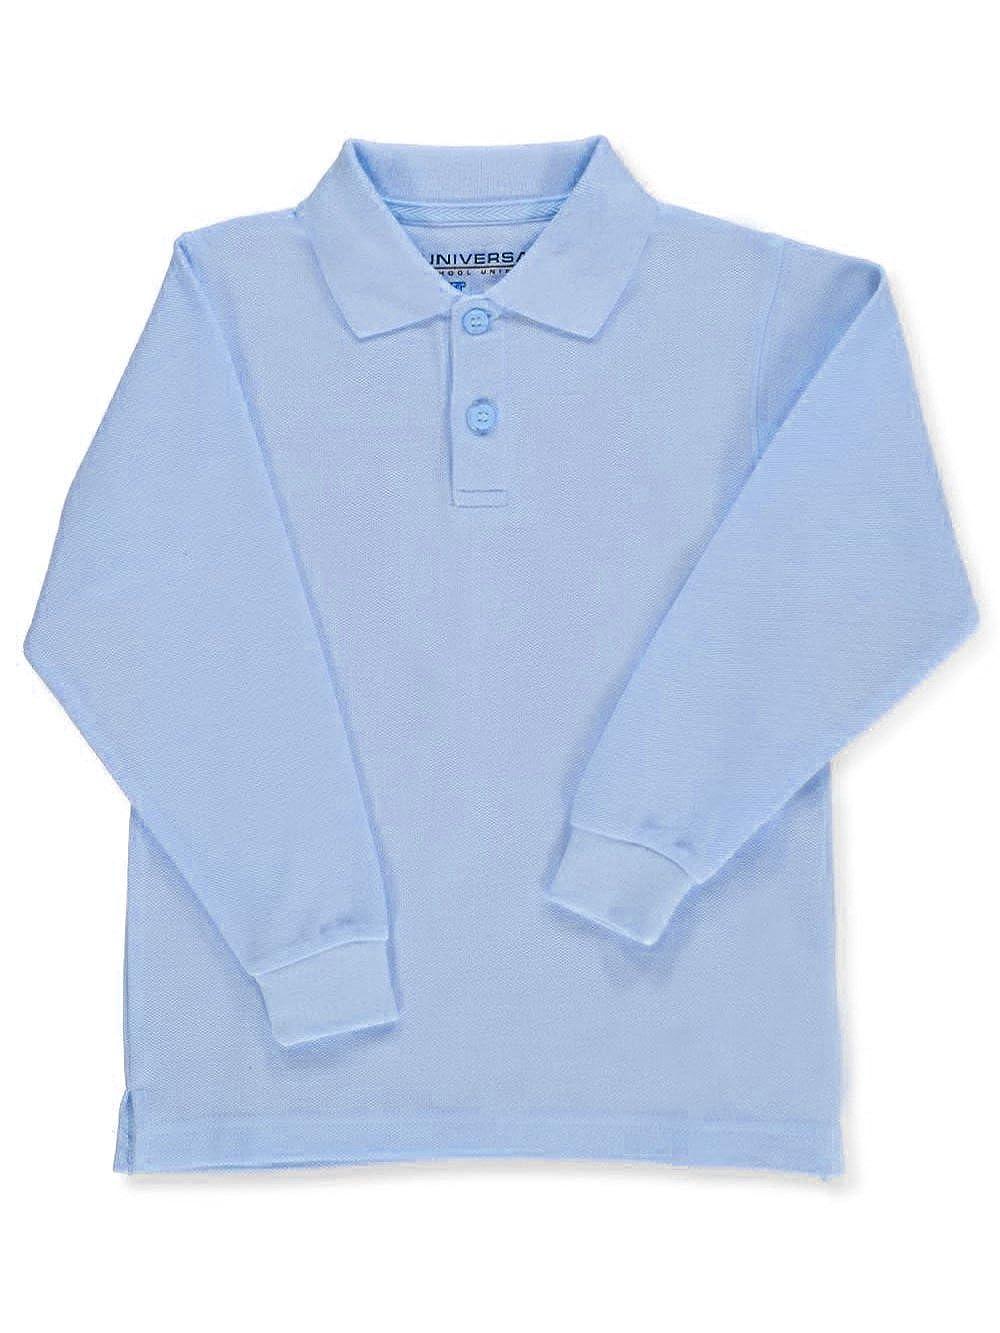 Universal Toddler Unisex L/S Pique Polo - blue, 4t